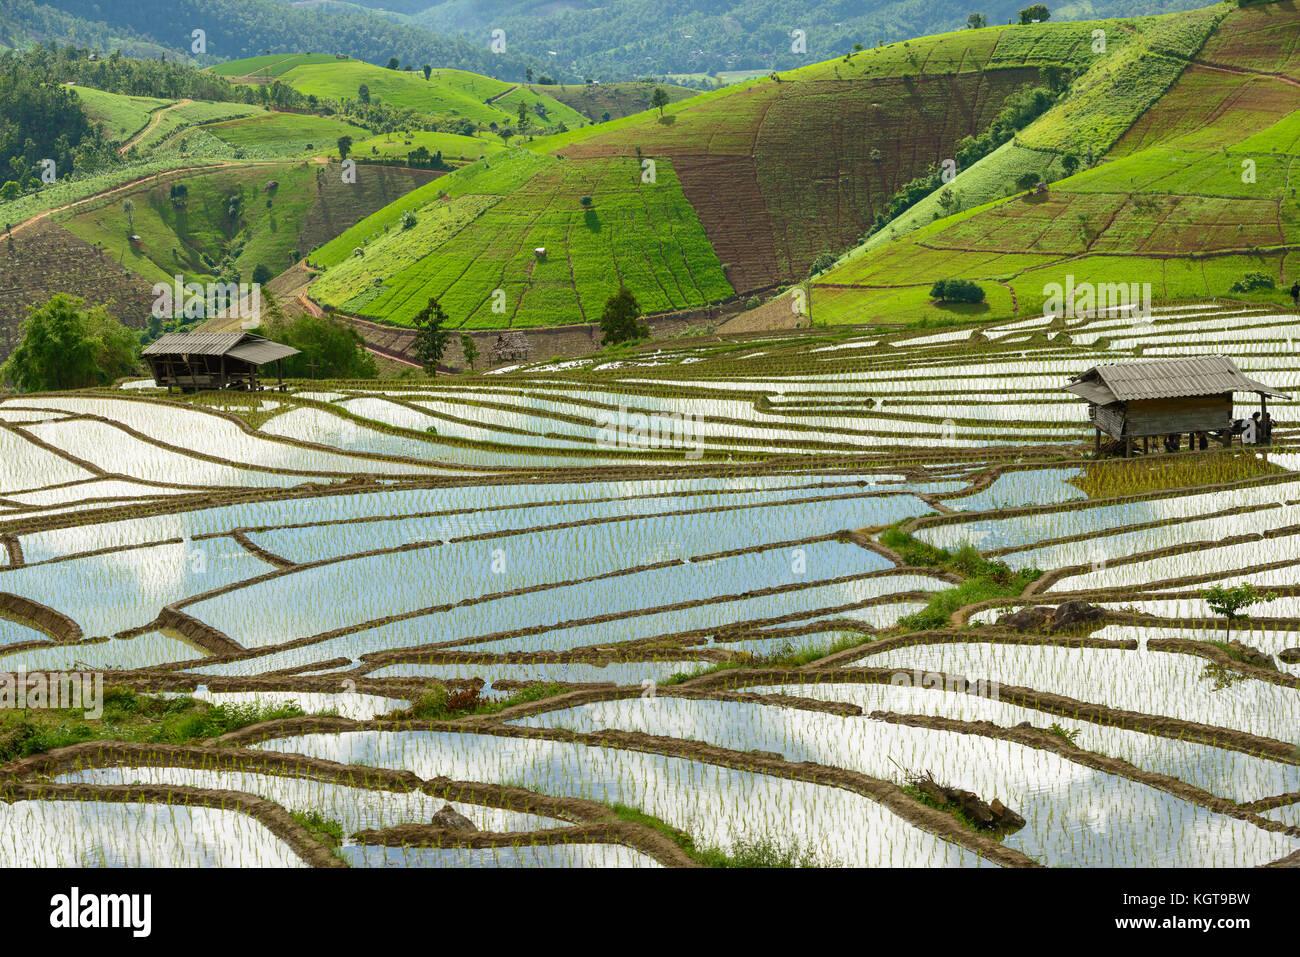 Campos De Arroz En Terrazas En Tailandia Foto Imagen De